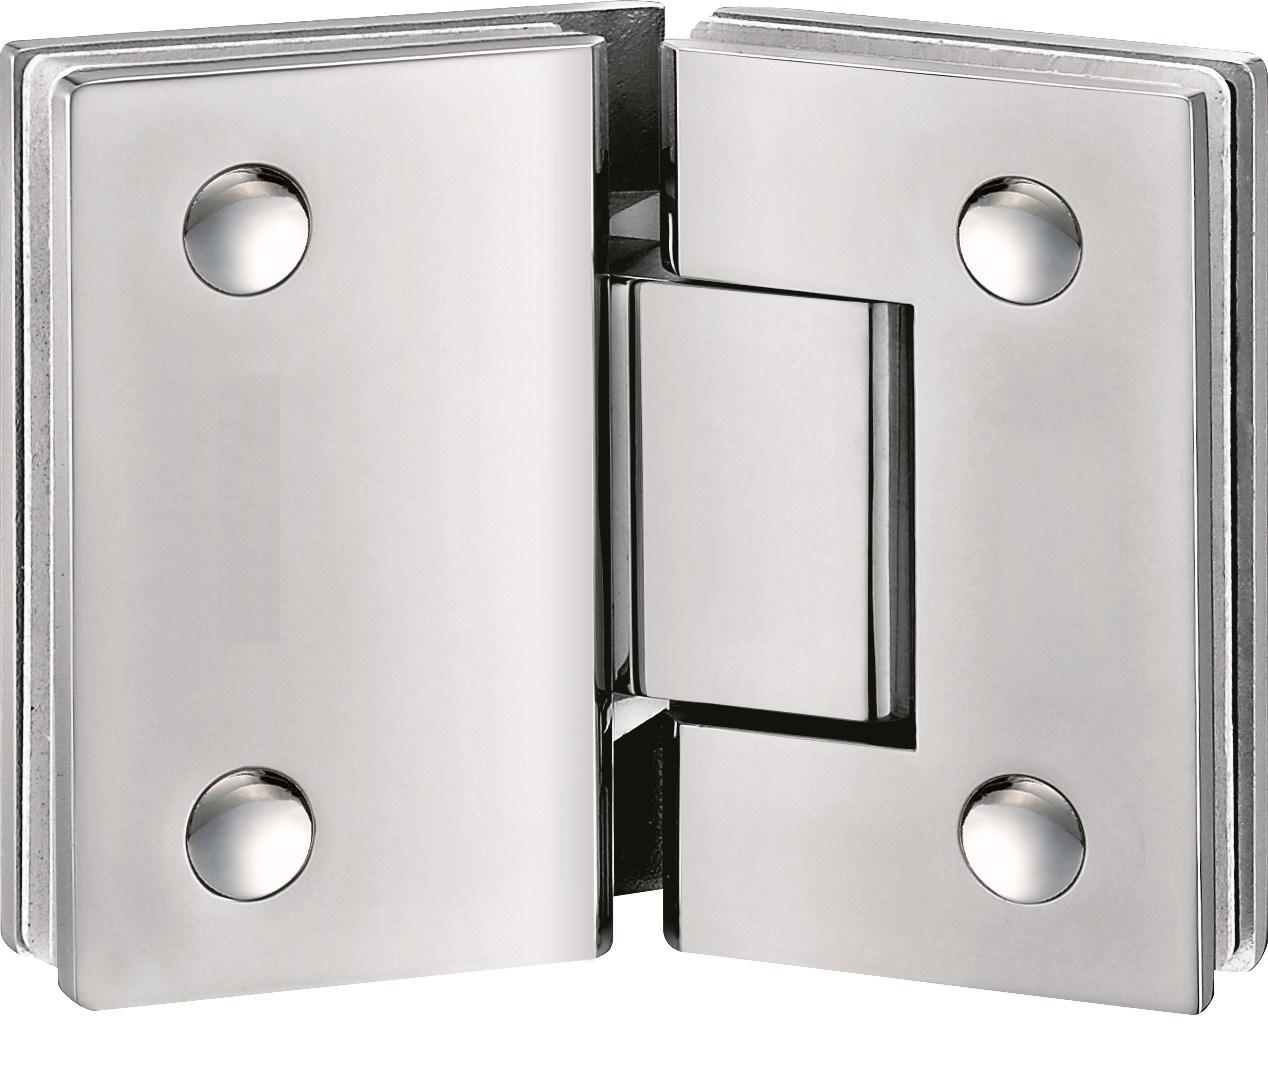 Hot Item Hardware Frameless Sliding Shower Door Hinge